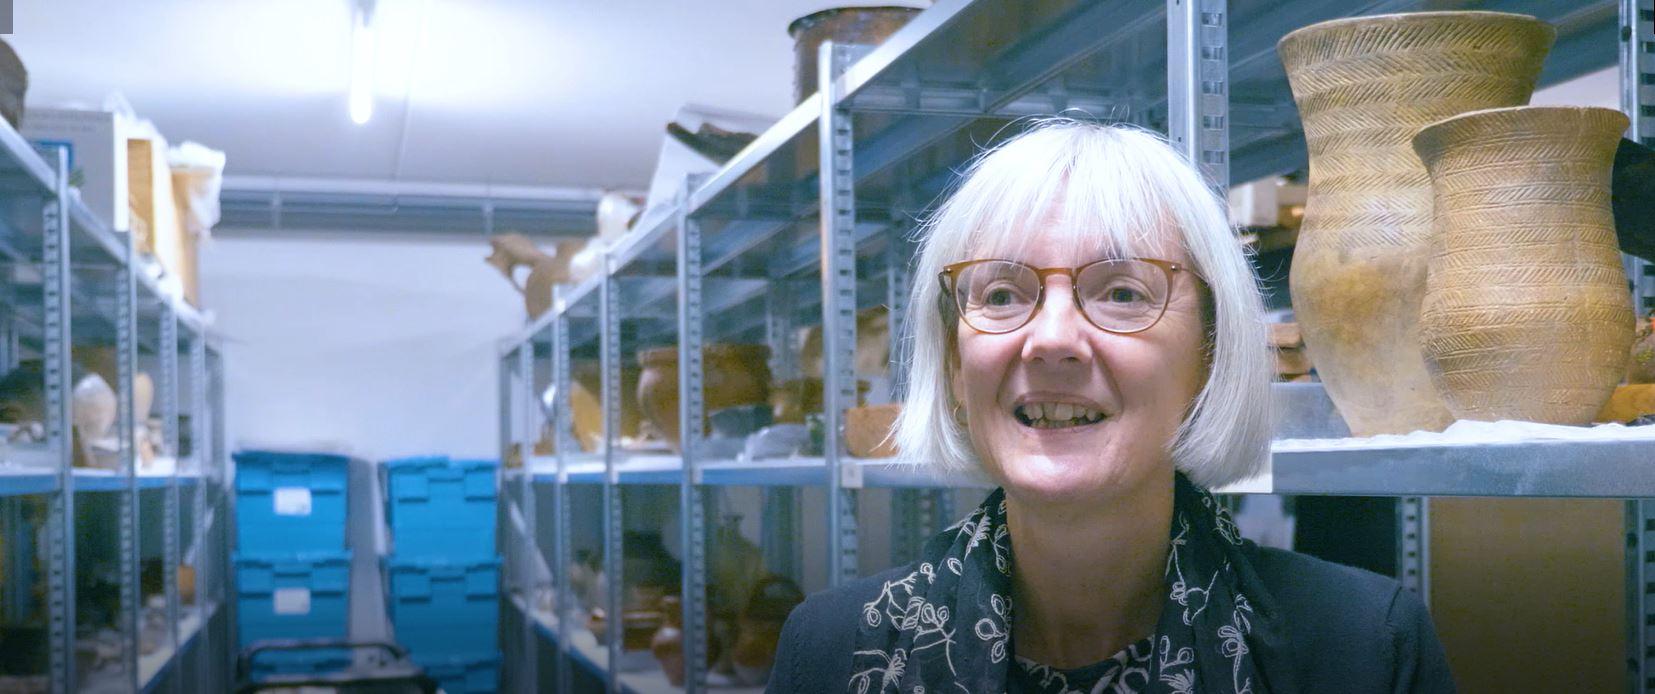 Gerrie Besselsen registreert collecties